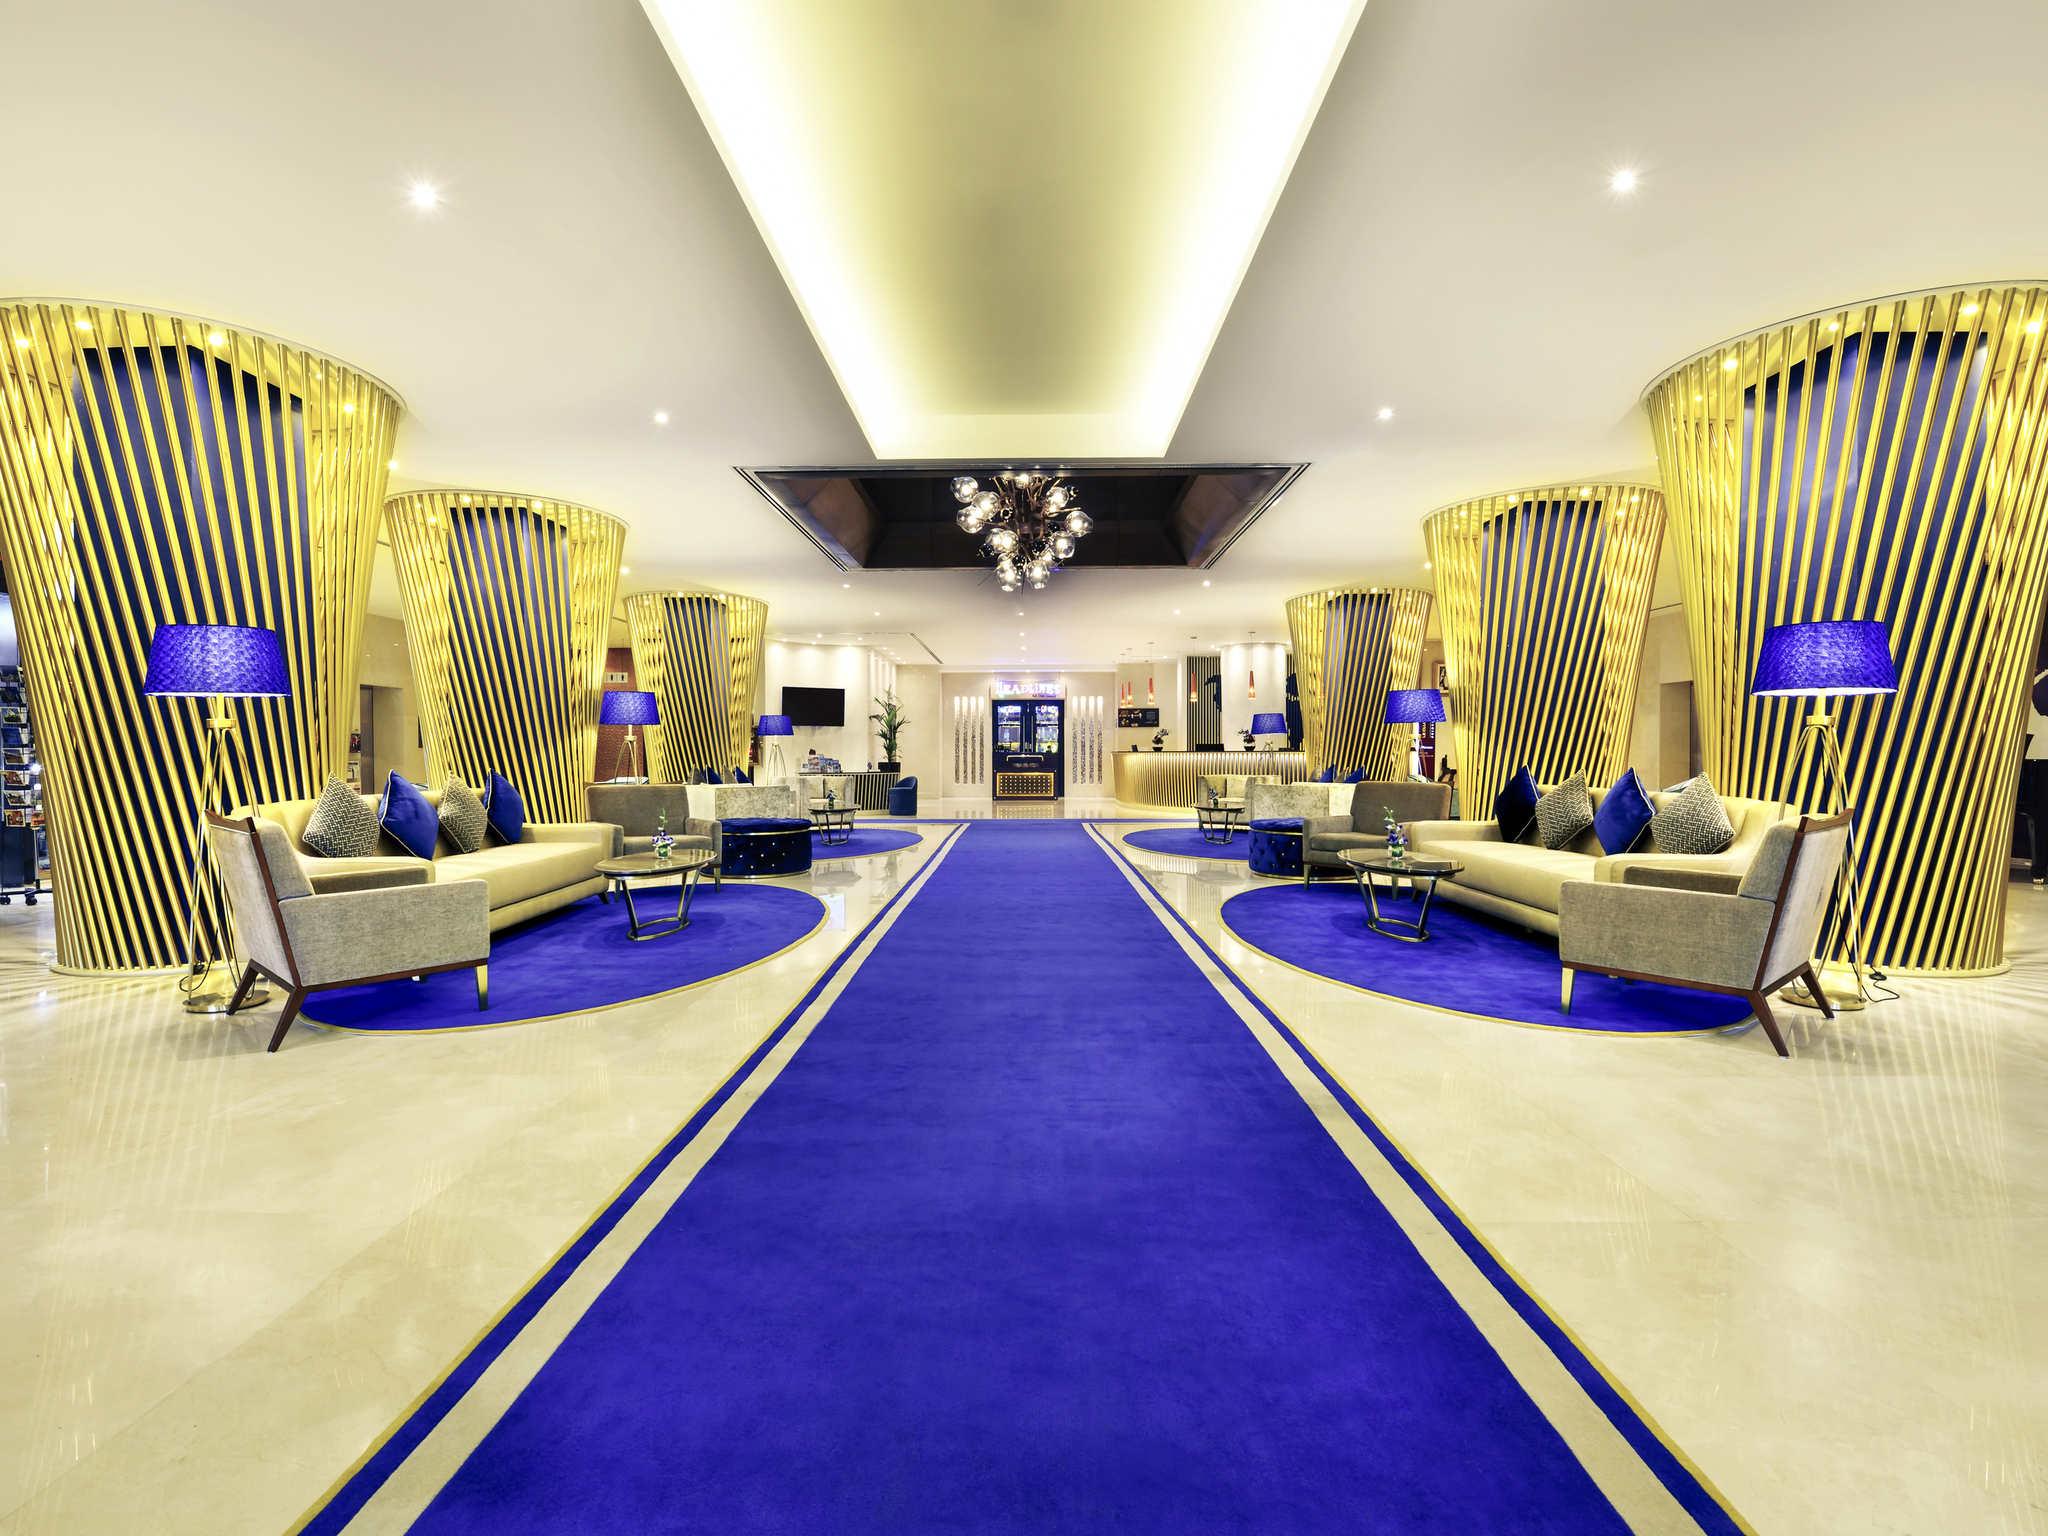 โรงแรม – เมอร์เคียว โกลด์ โฮเทล อัล มินา โร้ด ดูไบ